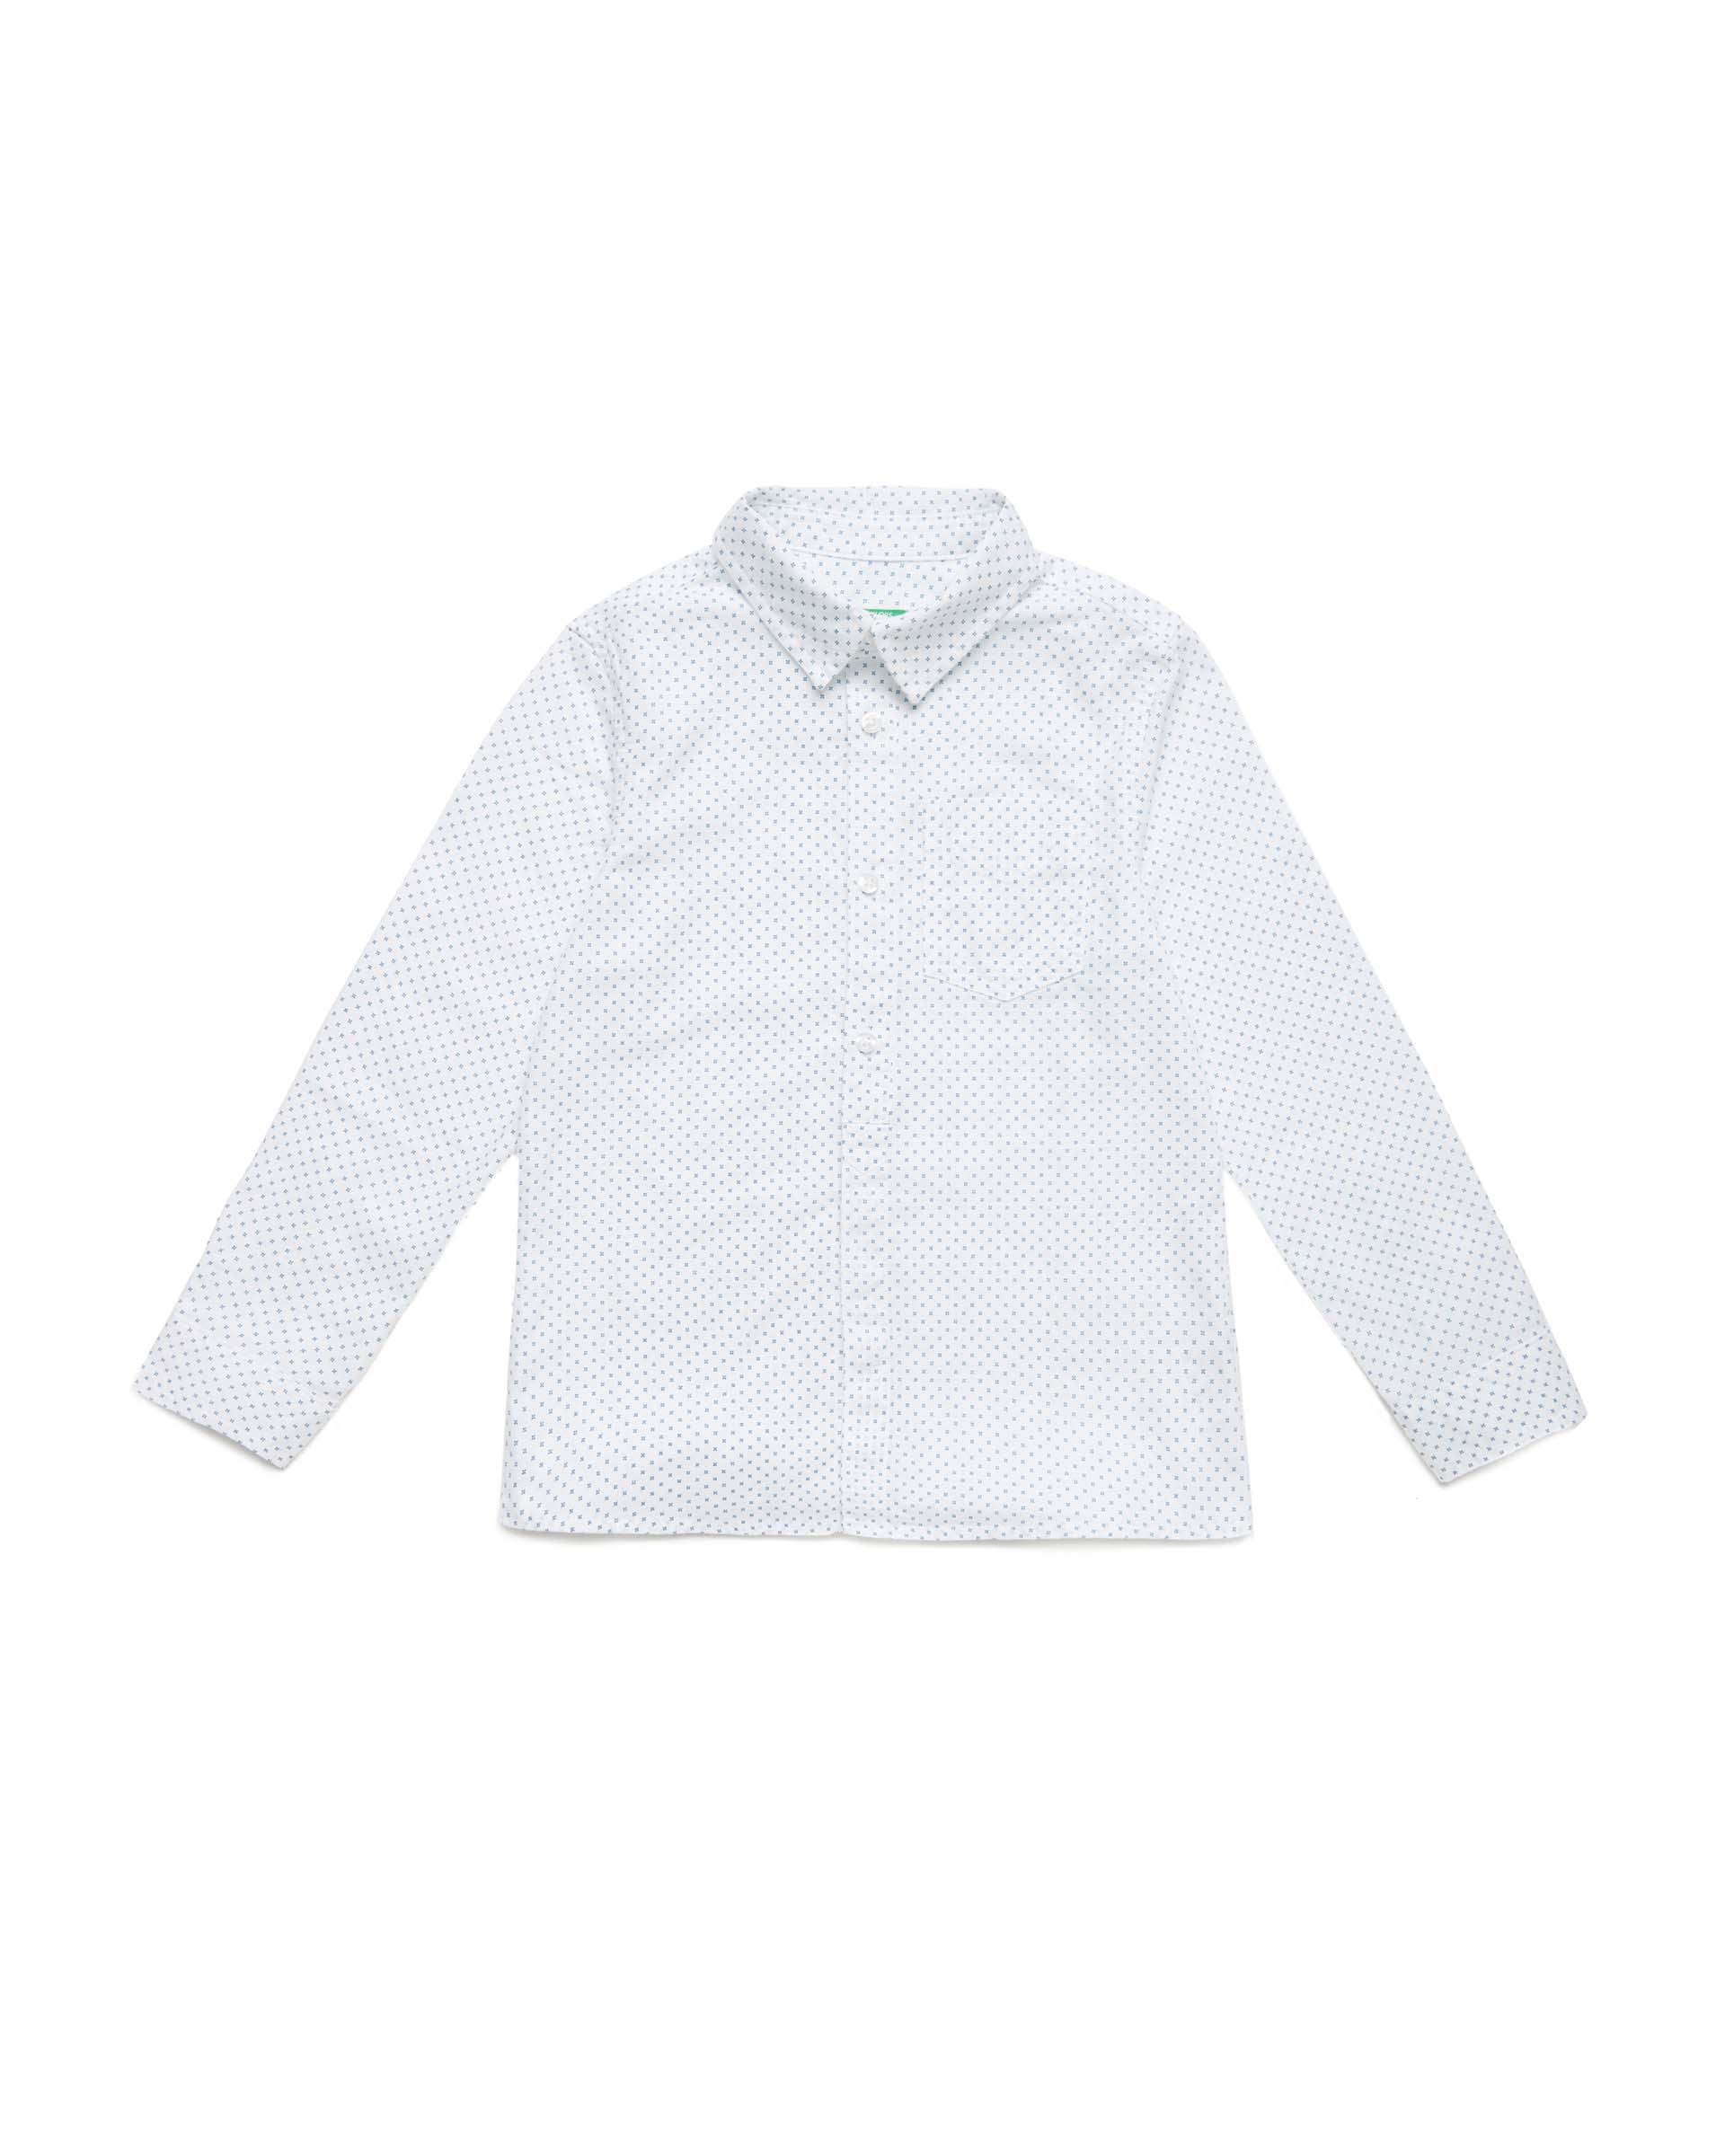 Купить 20P_5PA35QH90_902, Рубашка для мальчиков Benetton 5PA35QH90_902 р-р 158, United Colors of Benetton, Рубашки для мальчиков